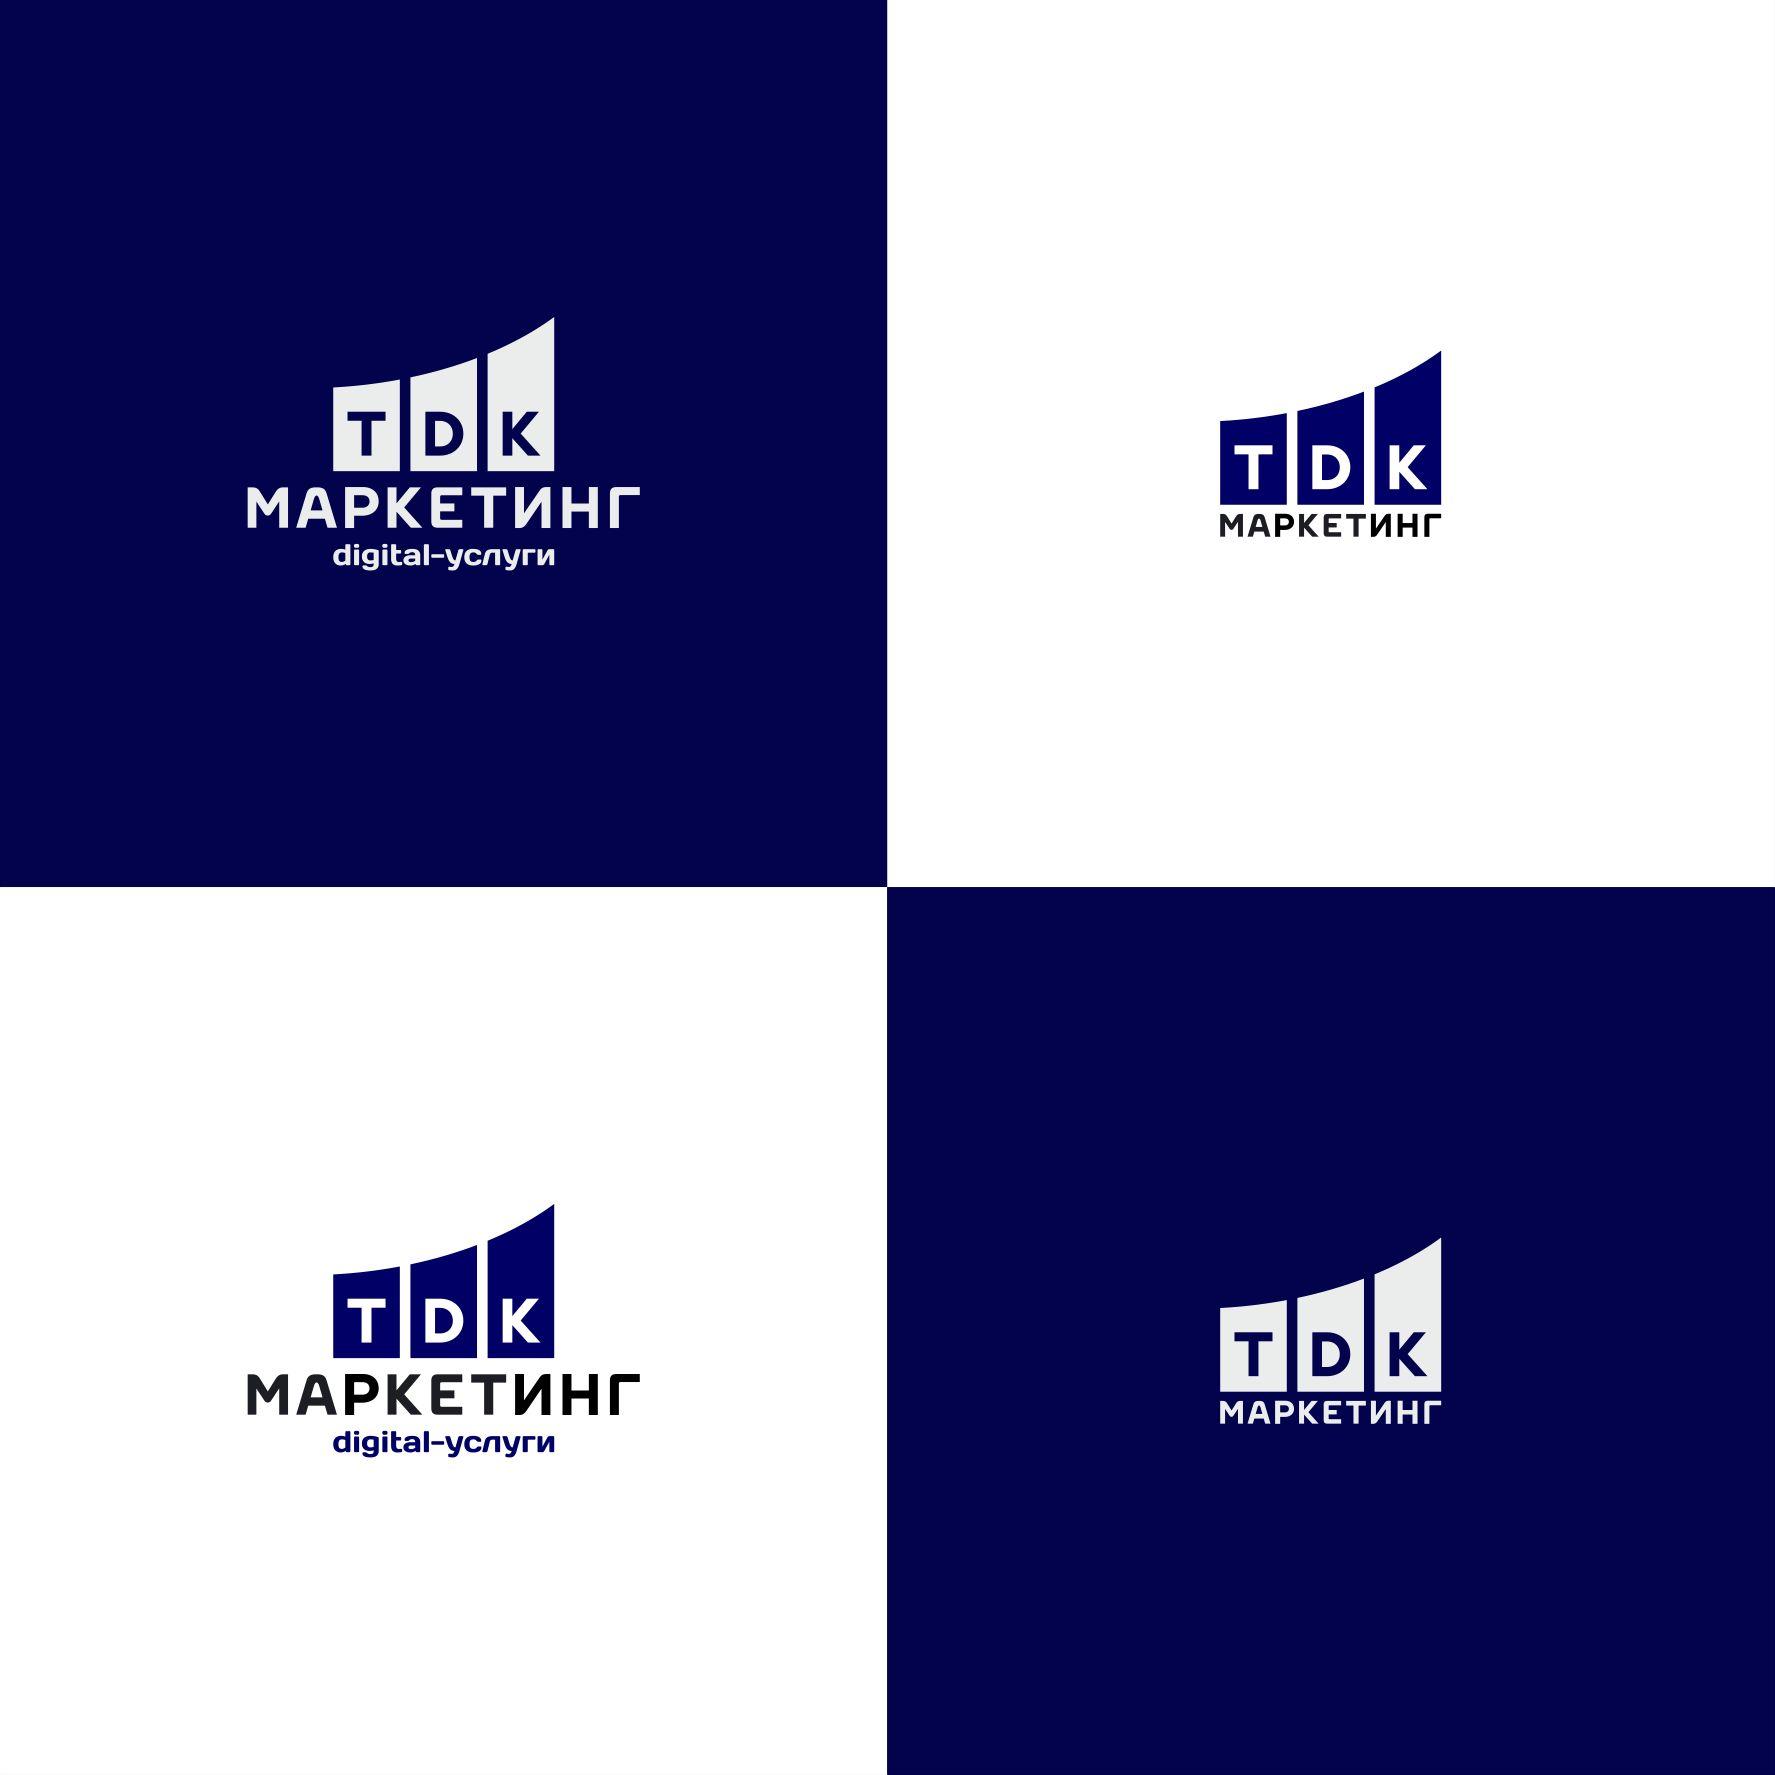 Лого и фирменный стиль для ТДК Маркетинг - дизайнер JMarcus